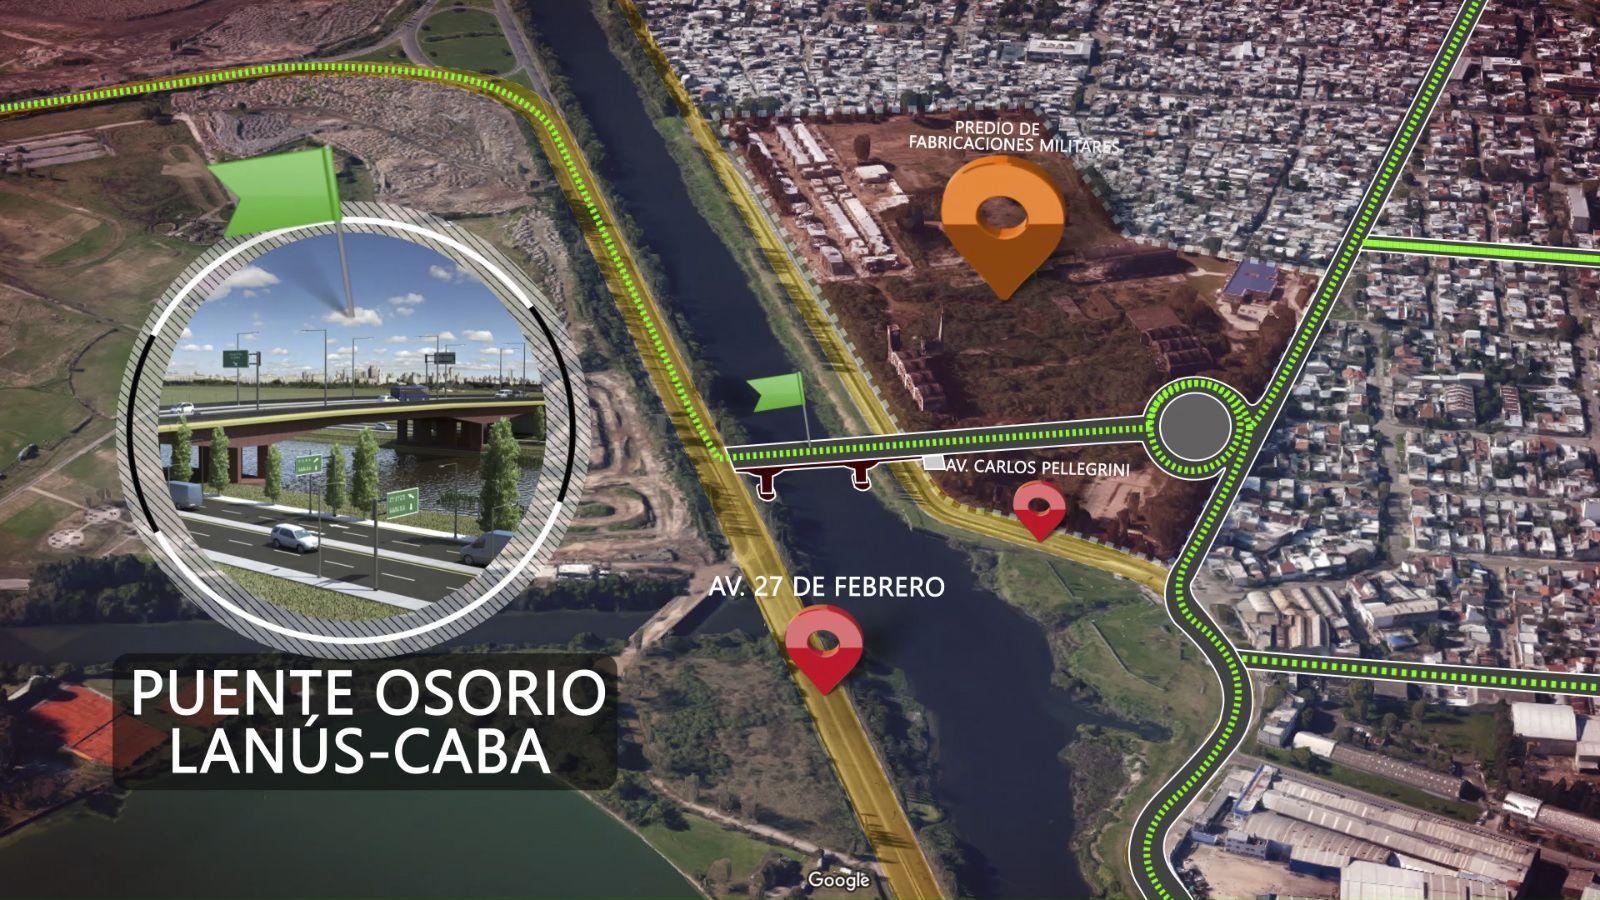 El puente Osorio